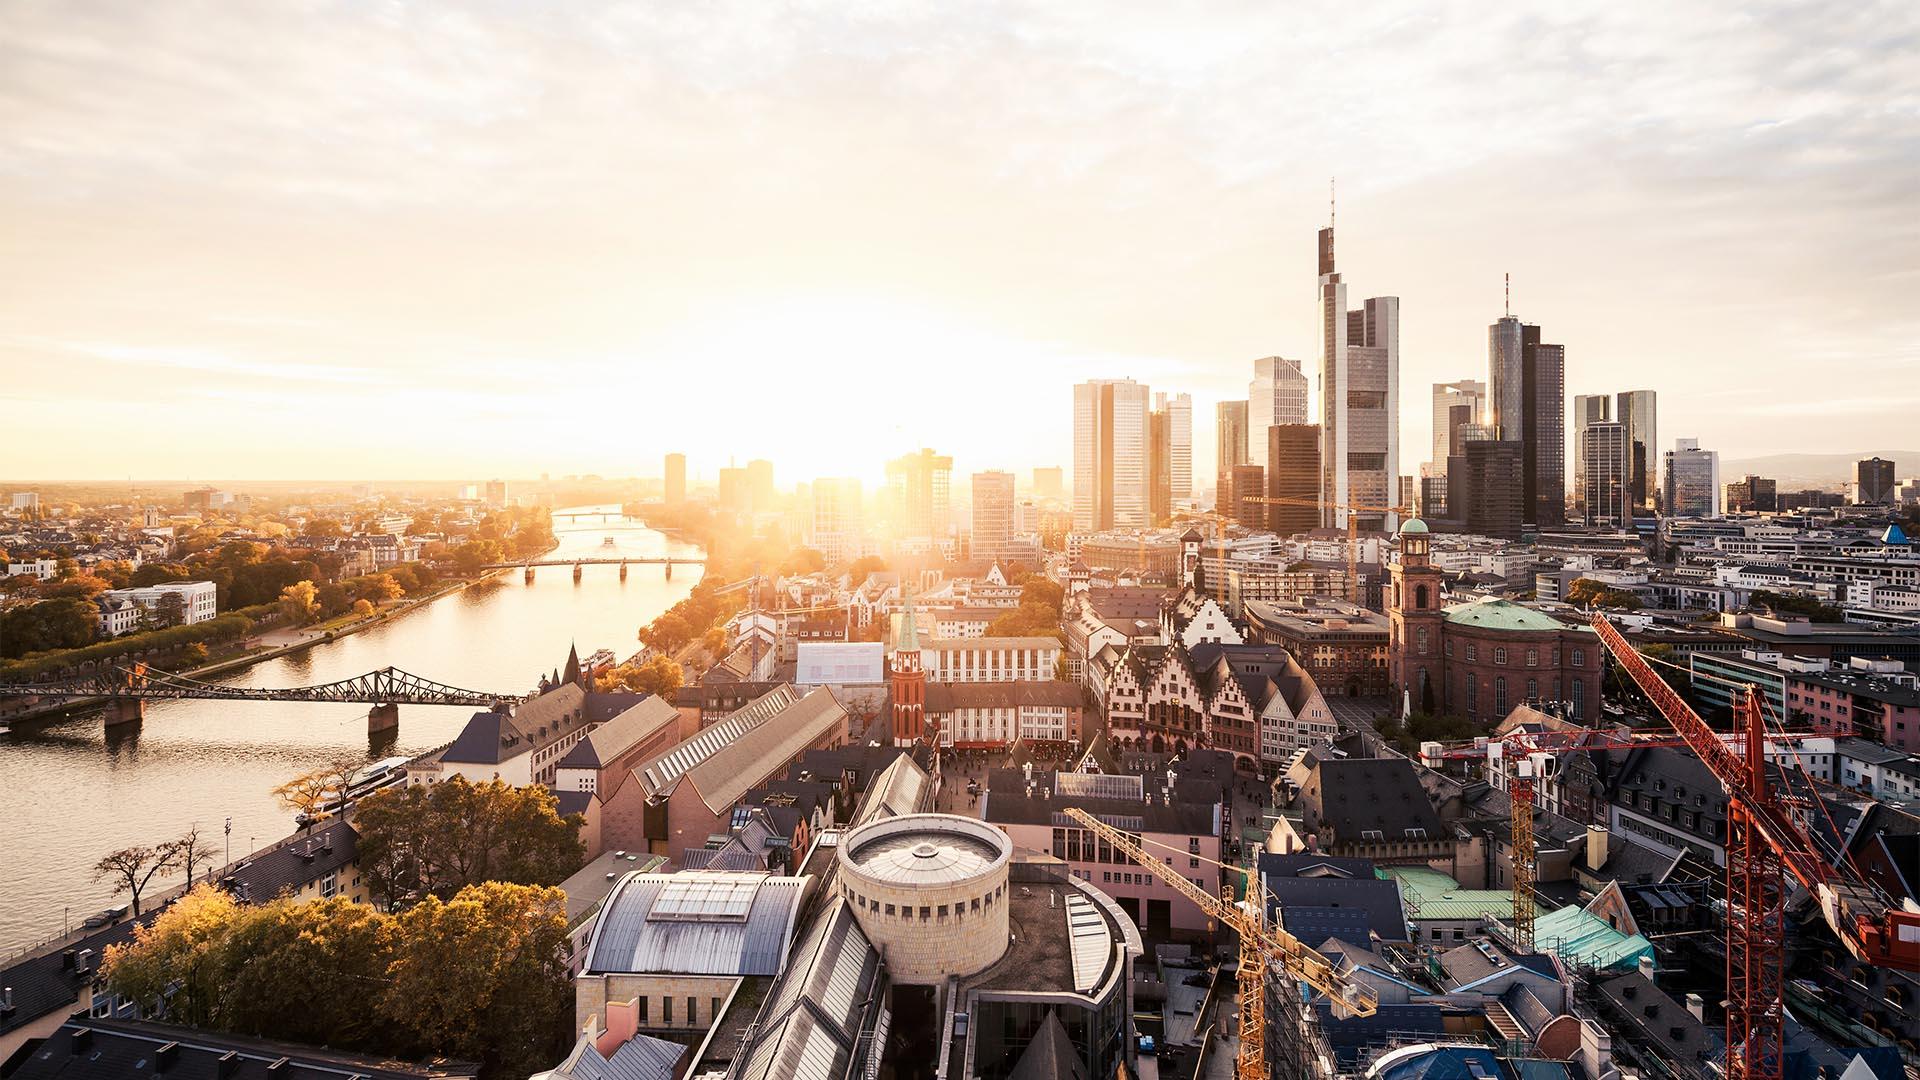 La mayoría de la ciudad es segura, y los delincuentes generalmente intentan aprovecharse de los turistas solo en ciertas partes de la ciudad. Las áreas a evitar incluyen el Hauptbahnhof, Konstablerwache y Hauptwache